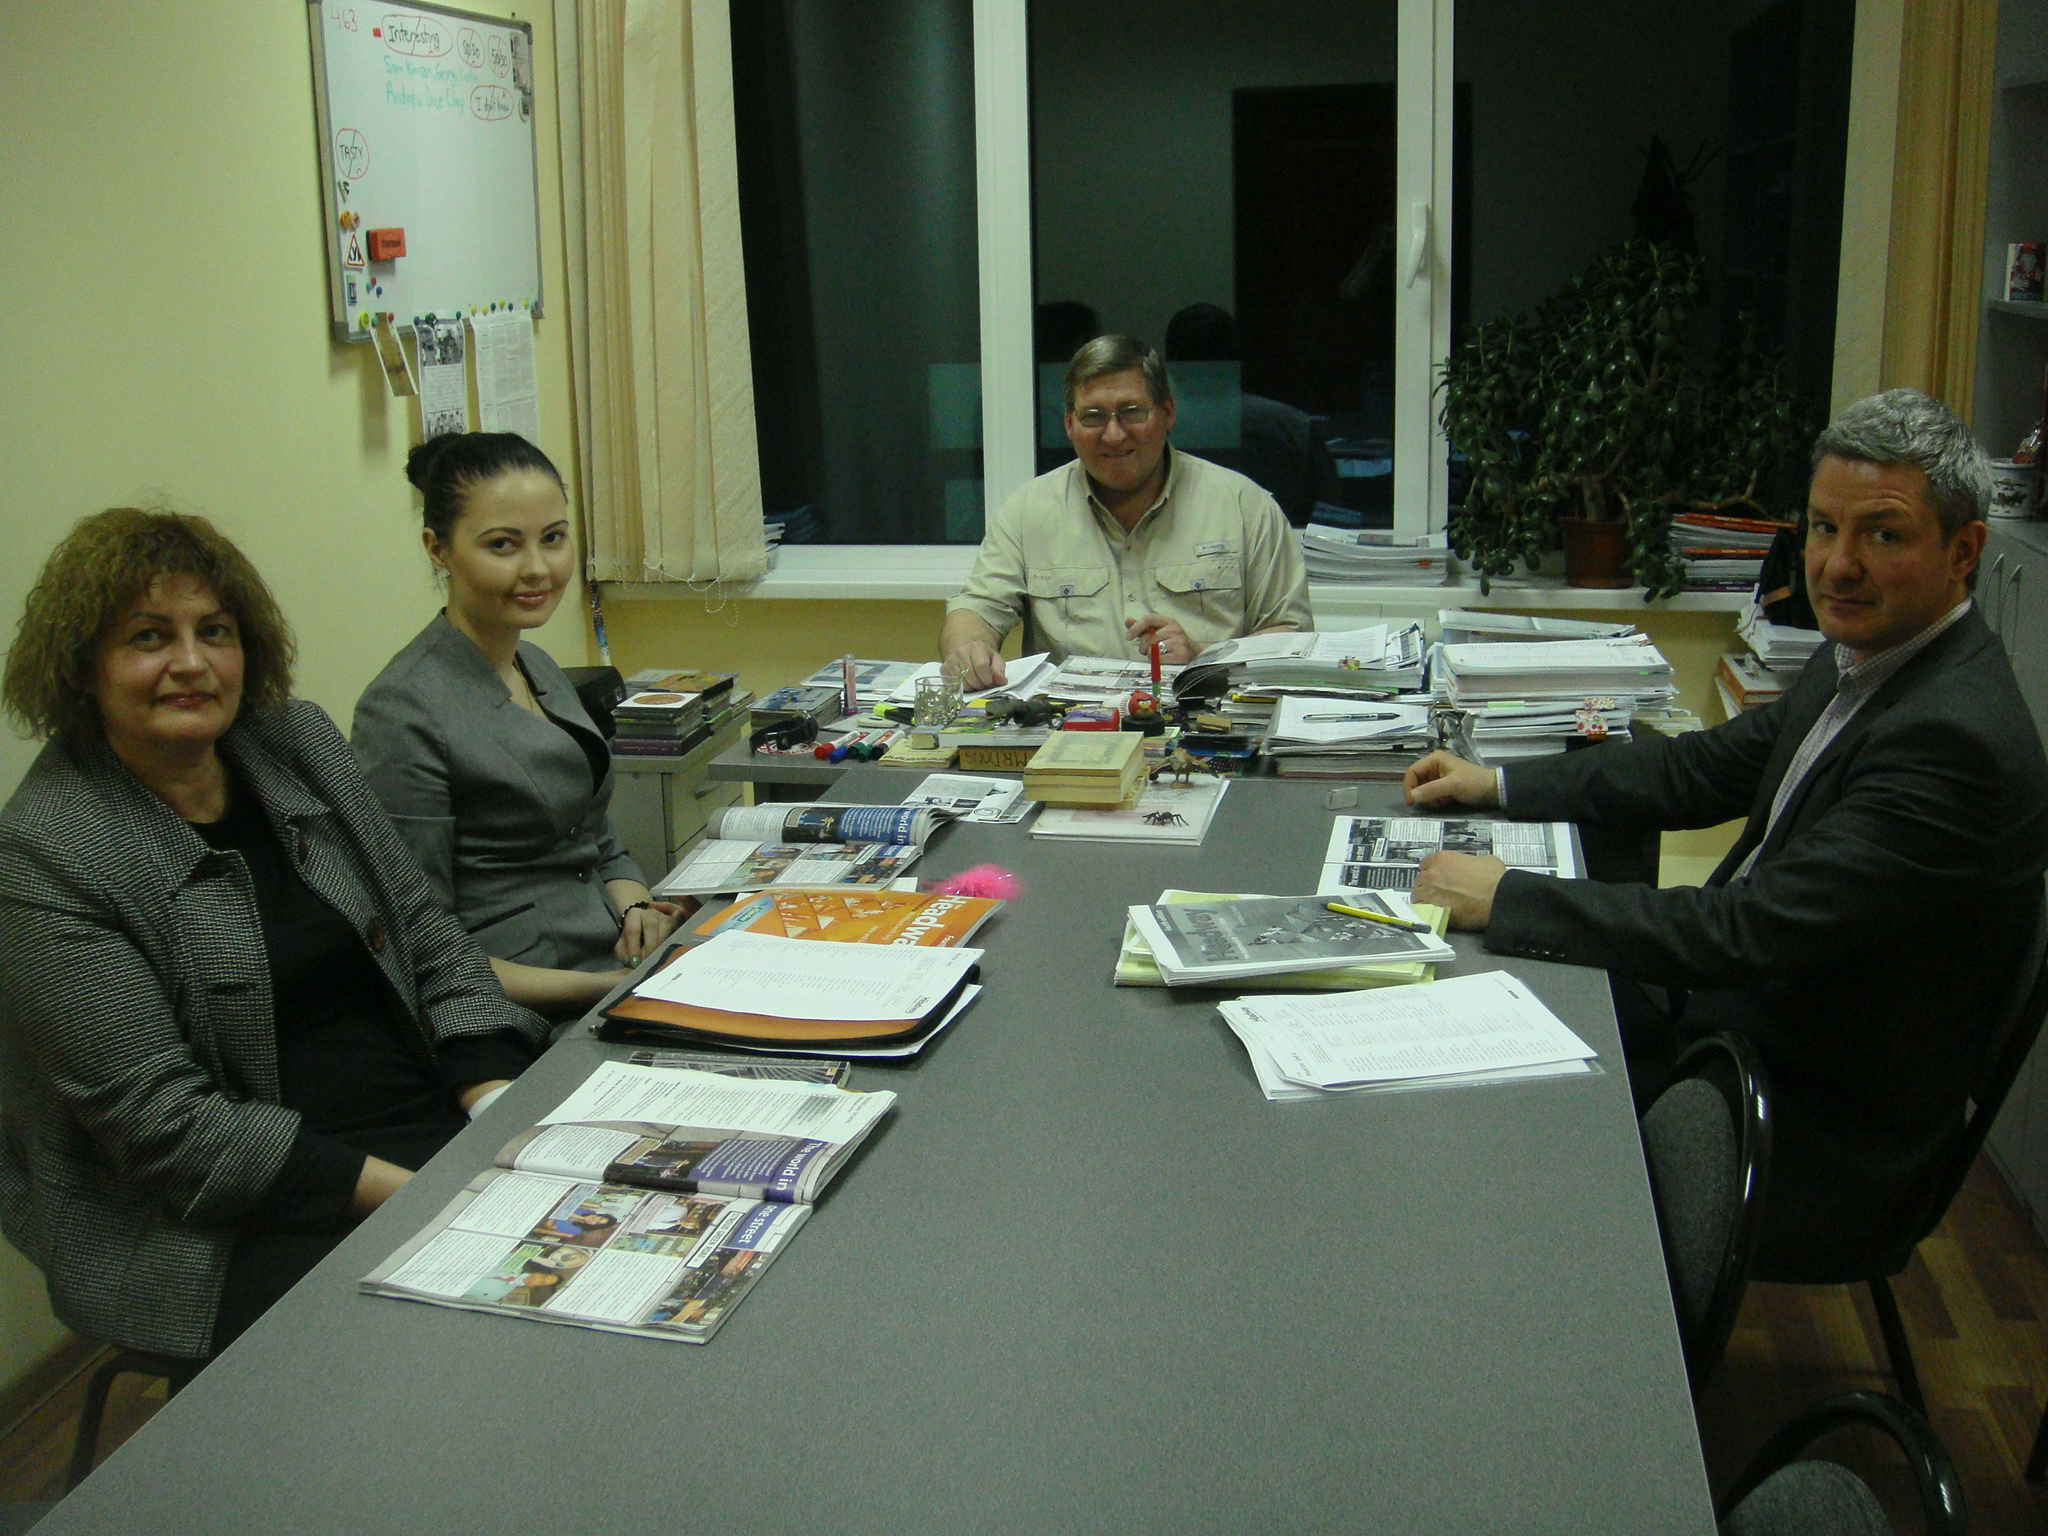 Обучение английскому языку в Ростове-на-Дону фото (4)